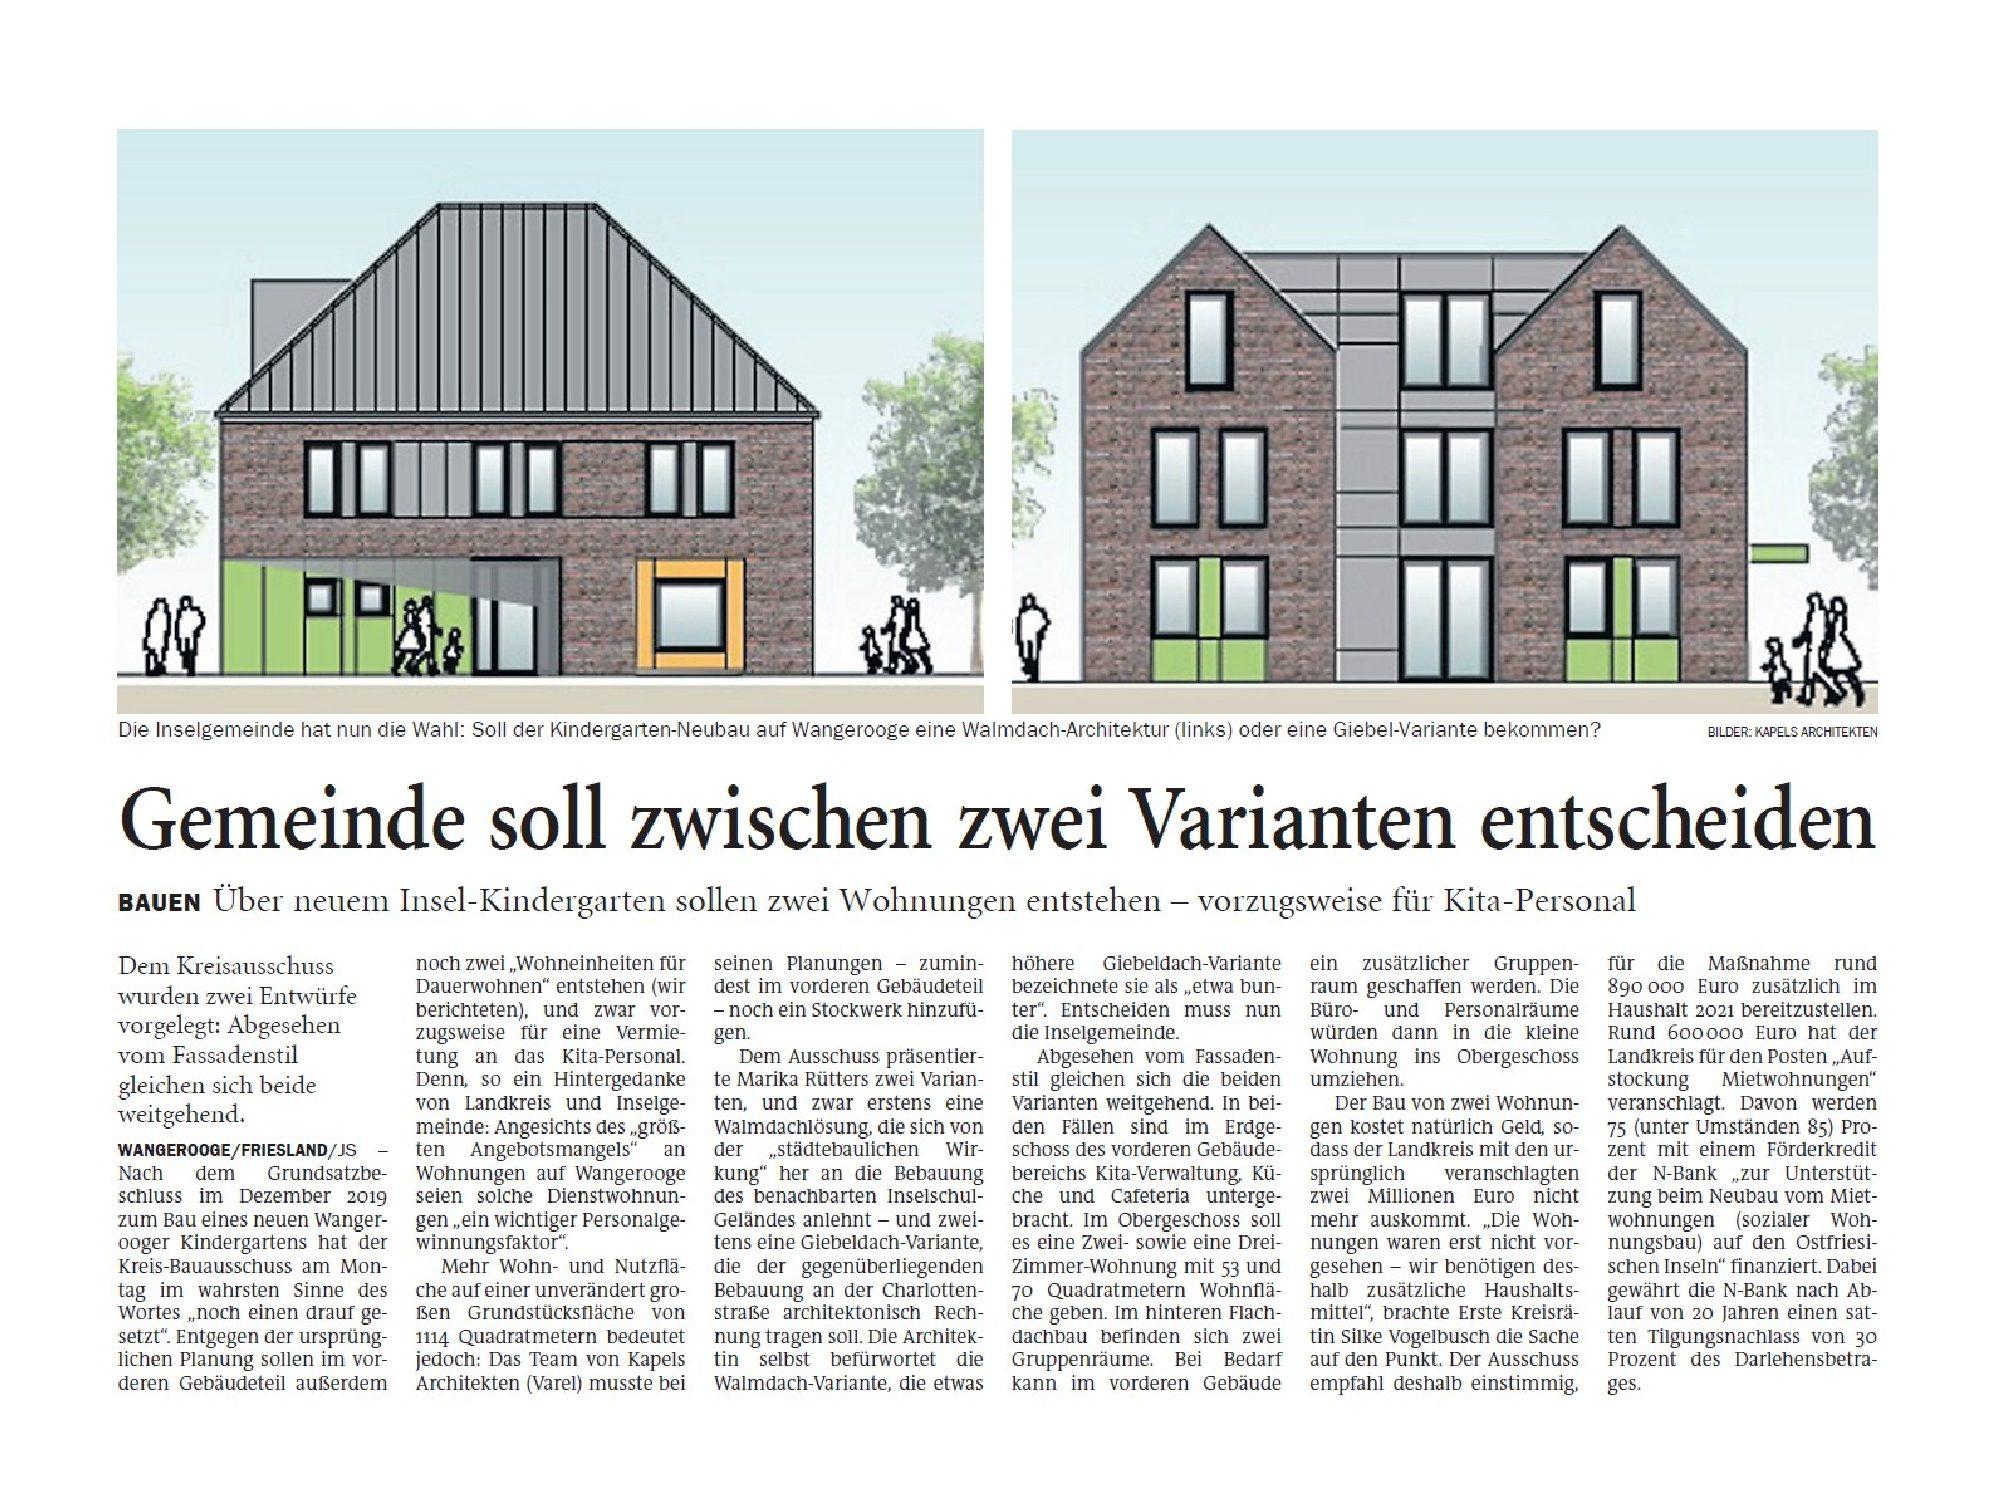 Jeversches Wochenblatt 20.05.2020 II